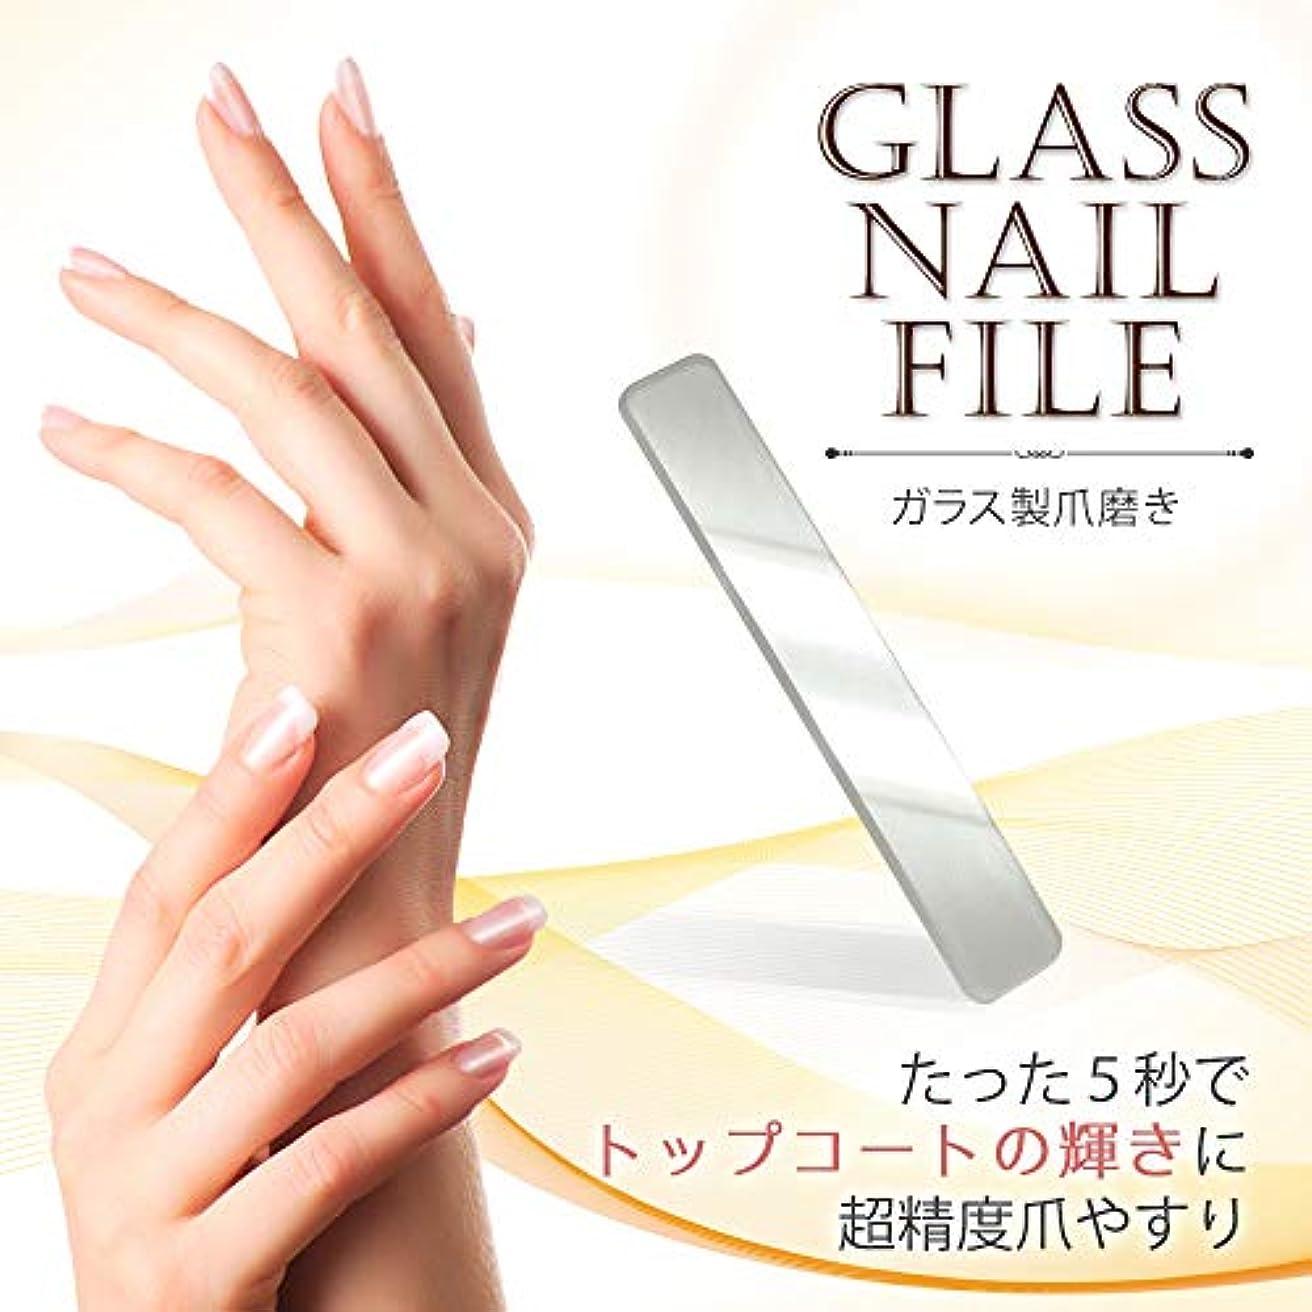 郵便番号立ち寄る出版5秒で実感 Glass Nail File (ガラス製 爪やすり 爪みがき つめみがき 爪磨き ネイルファイル ネイルシャイナー グラスシャイナー バッファー ネイルケア 爪ケア)